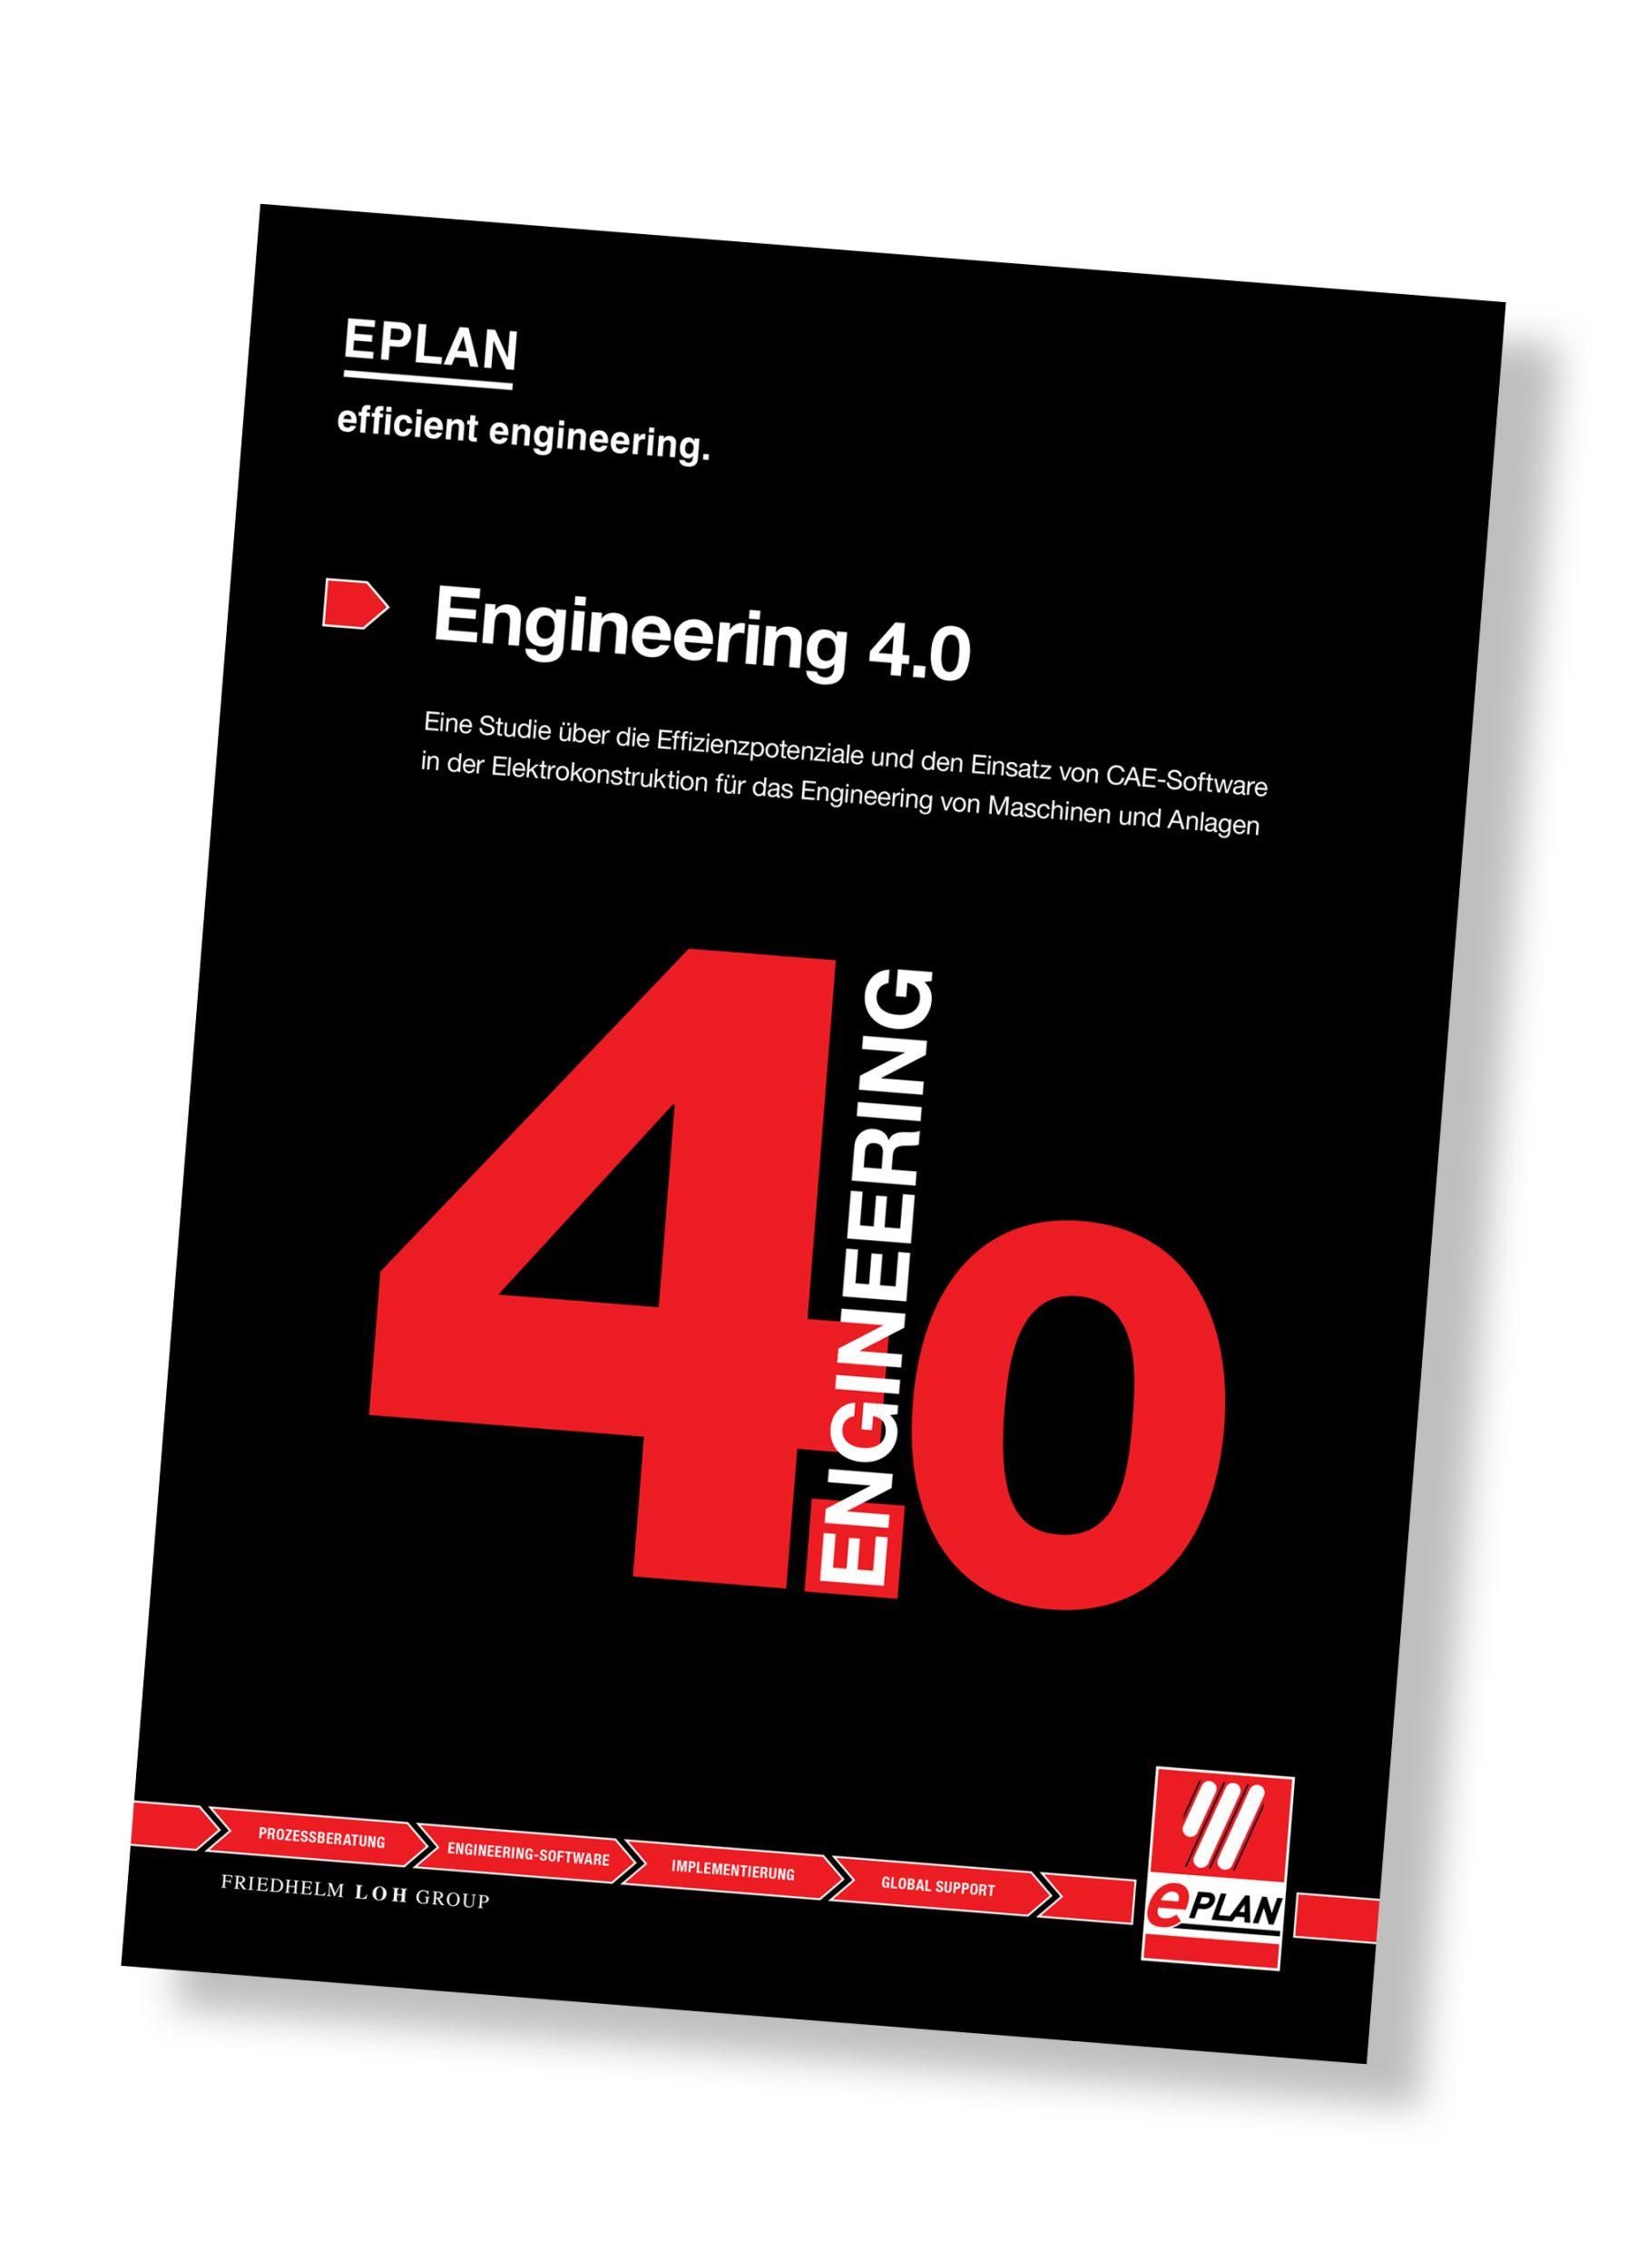 Die neue Studie 'Engineering 4.0' zeigt interessante Effizienz-Handlungsfelder auf. (Bild: Eplan Software & Service GmbH & Co. KG)